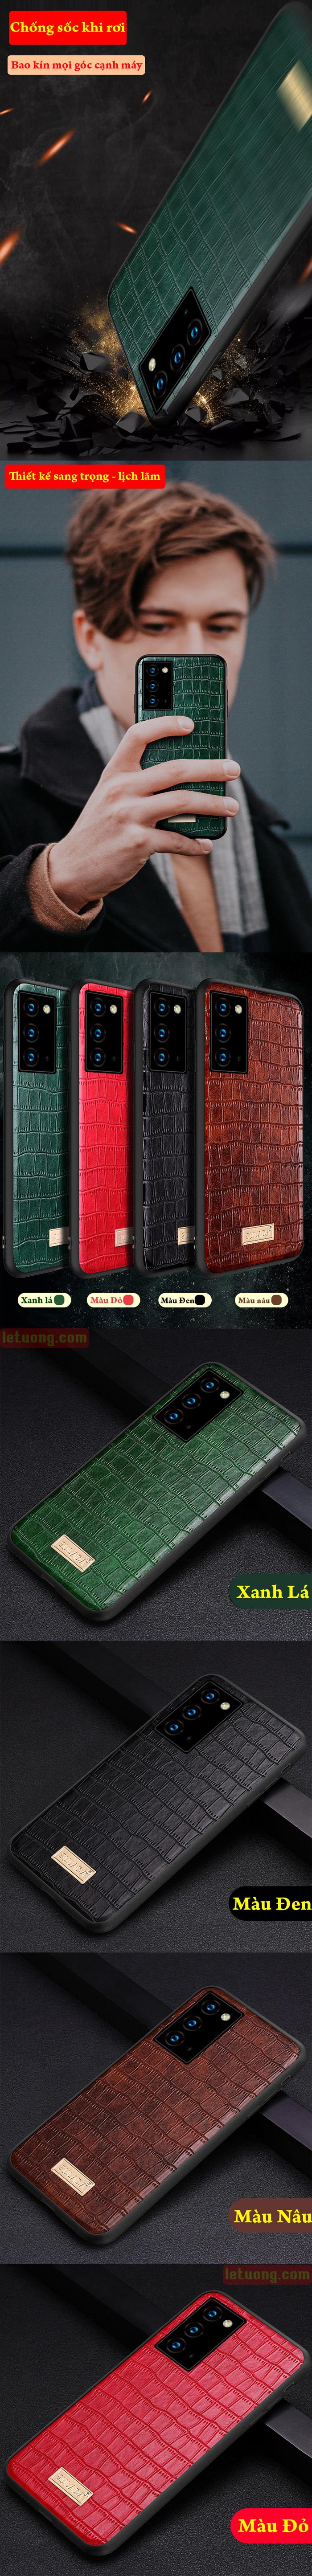 Ốp lưng Note 20 Ultra / 5G Sulada Sic Serie lưng da sang trọng lịch lãm 5